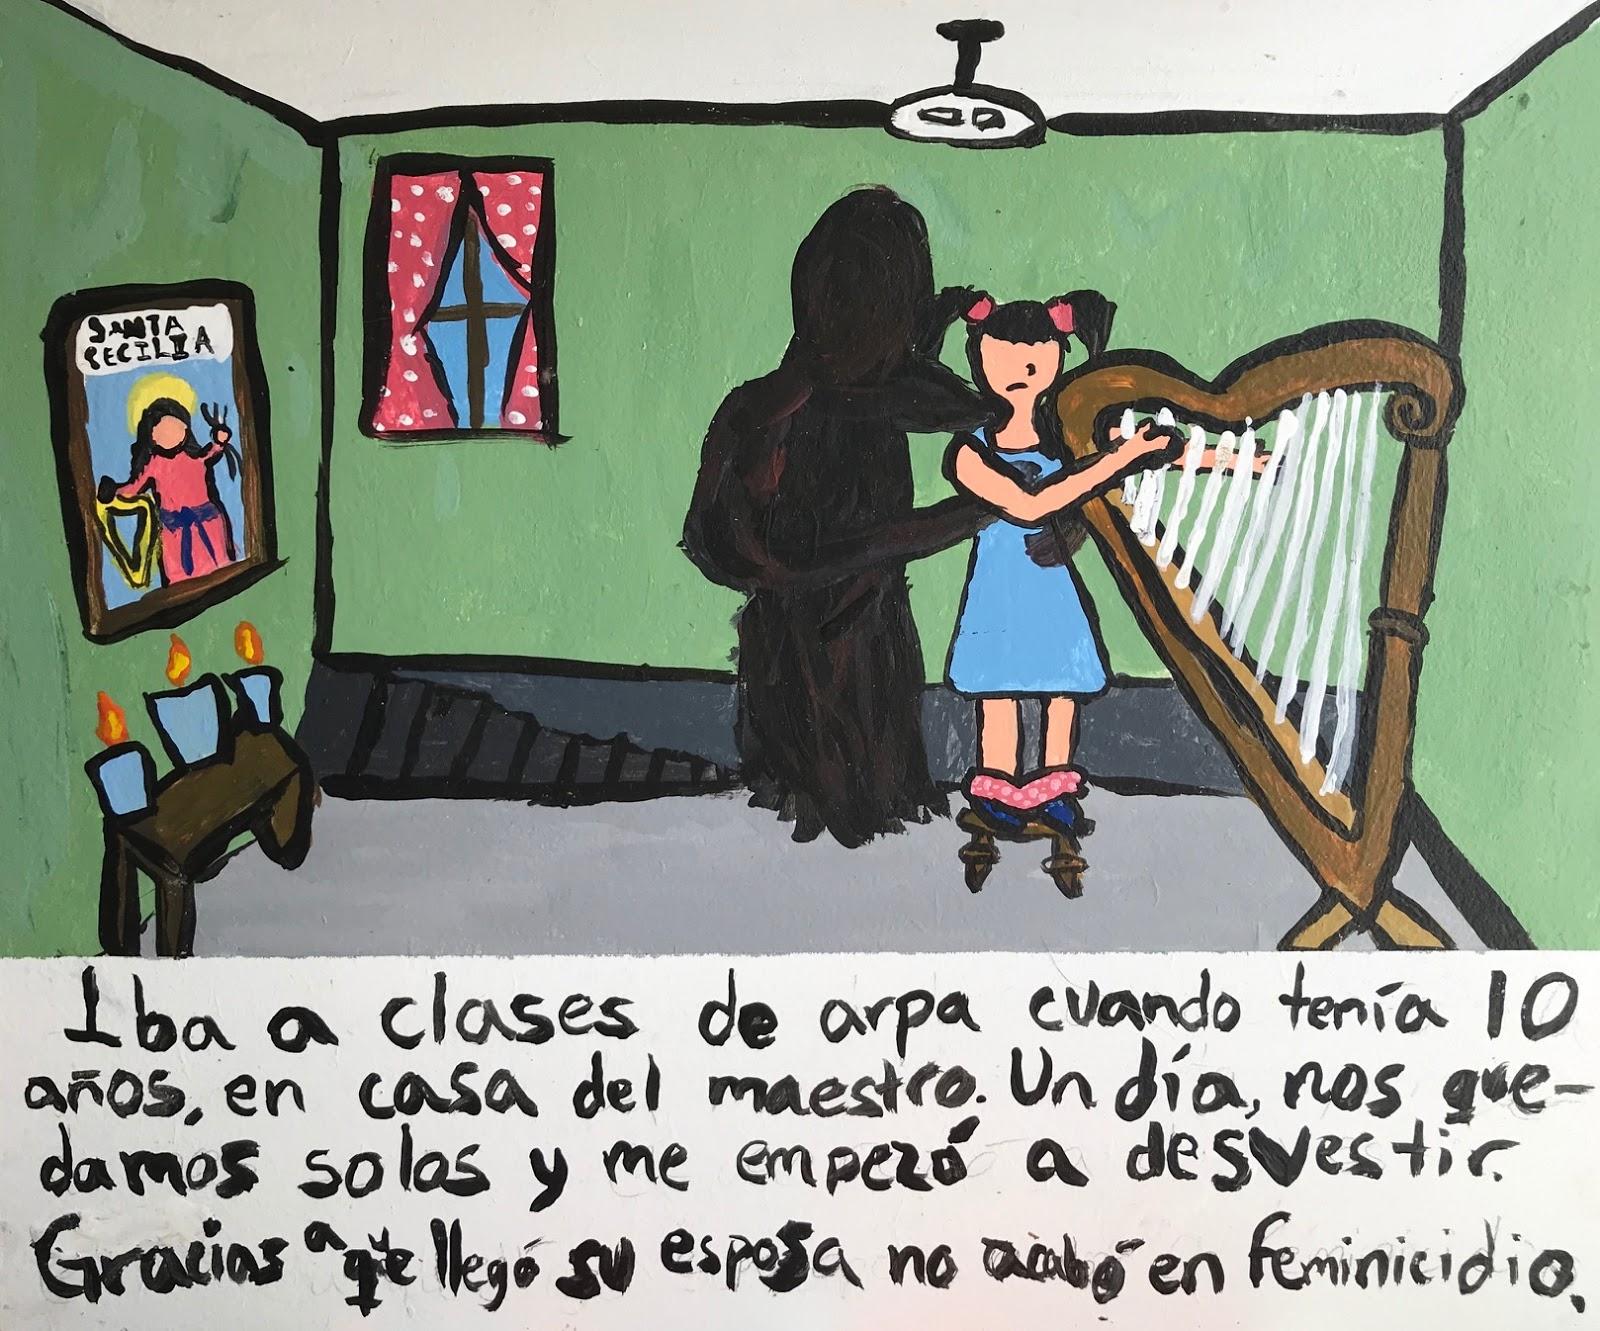 Iba a clases de arpa cuando tenía 10 años, en casa del maestro